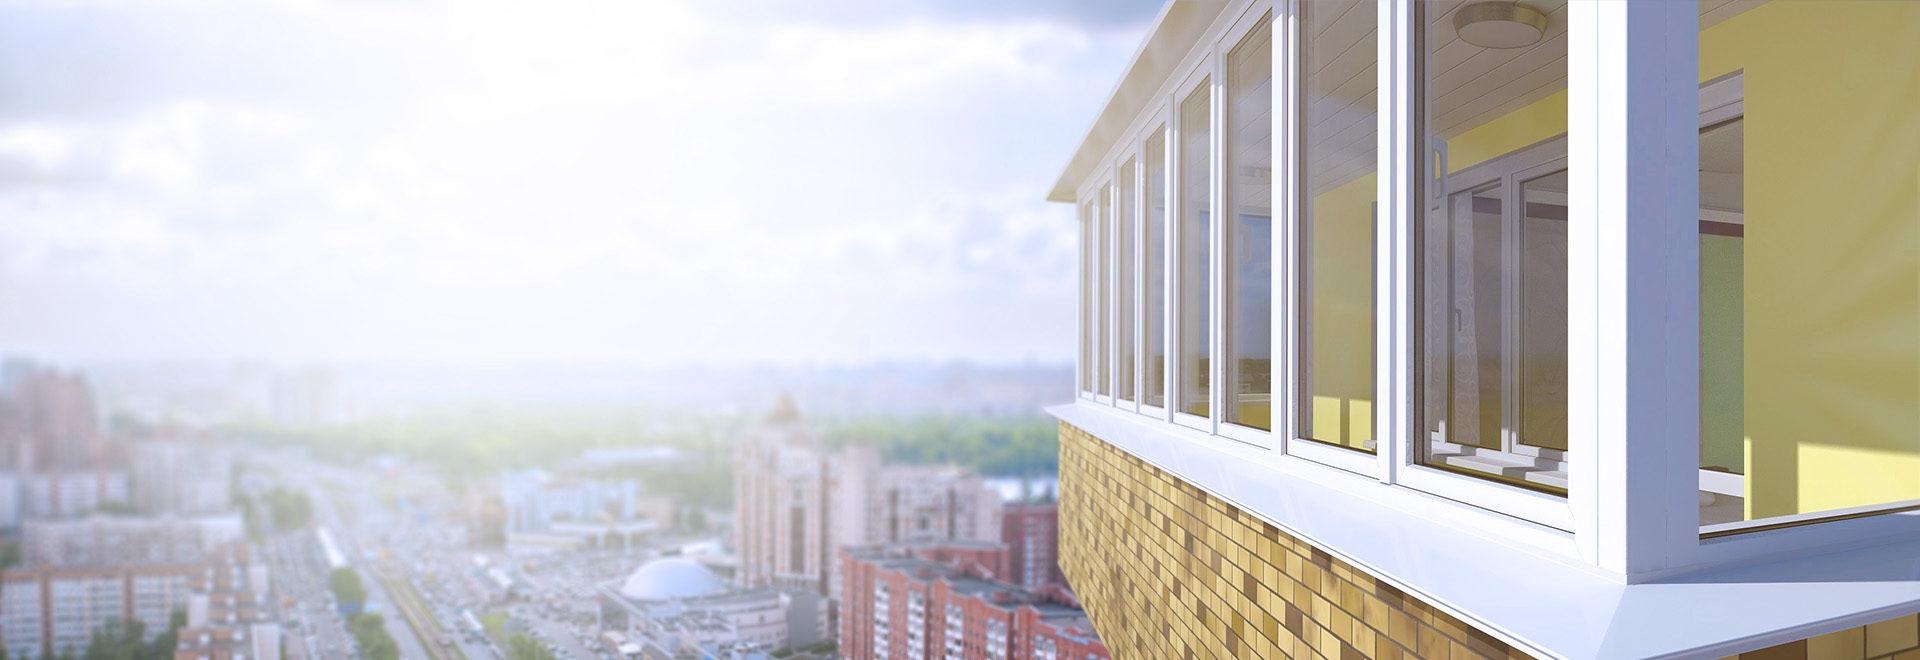 Изображение окна для лоджий и балконов, окна для балконов